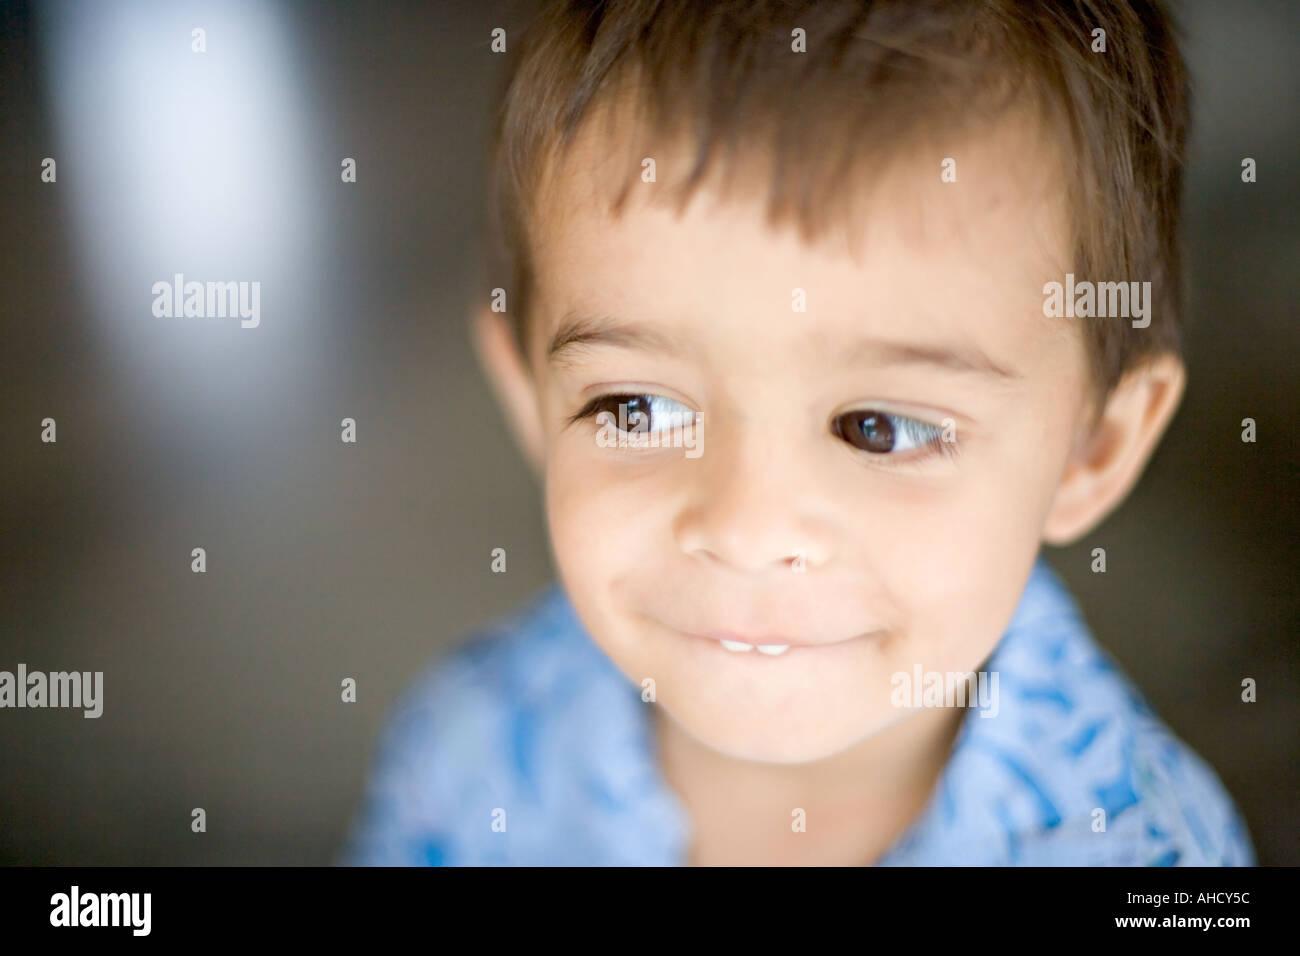 La fotocamera si affaccia su un grazioso piccolo ragazzo con capelli castani e un sorriso impertinente Immagini Stock